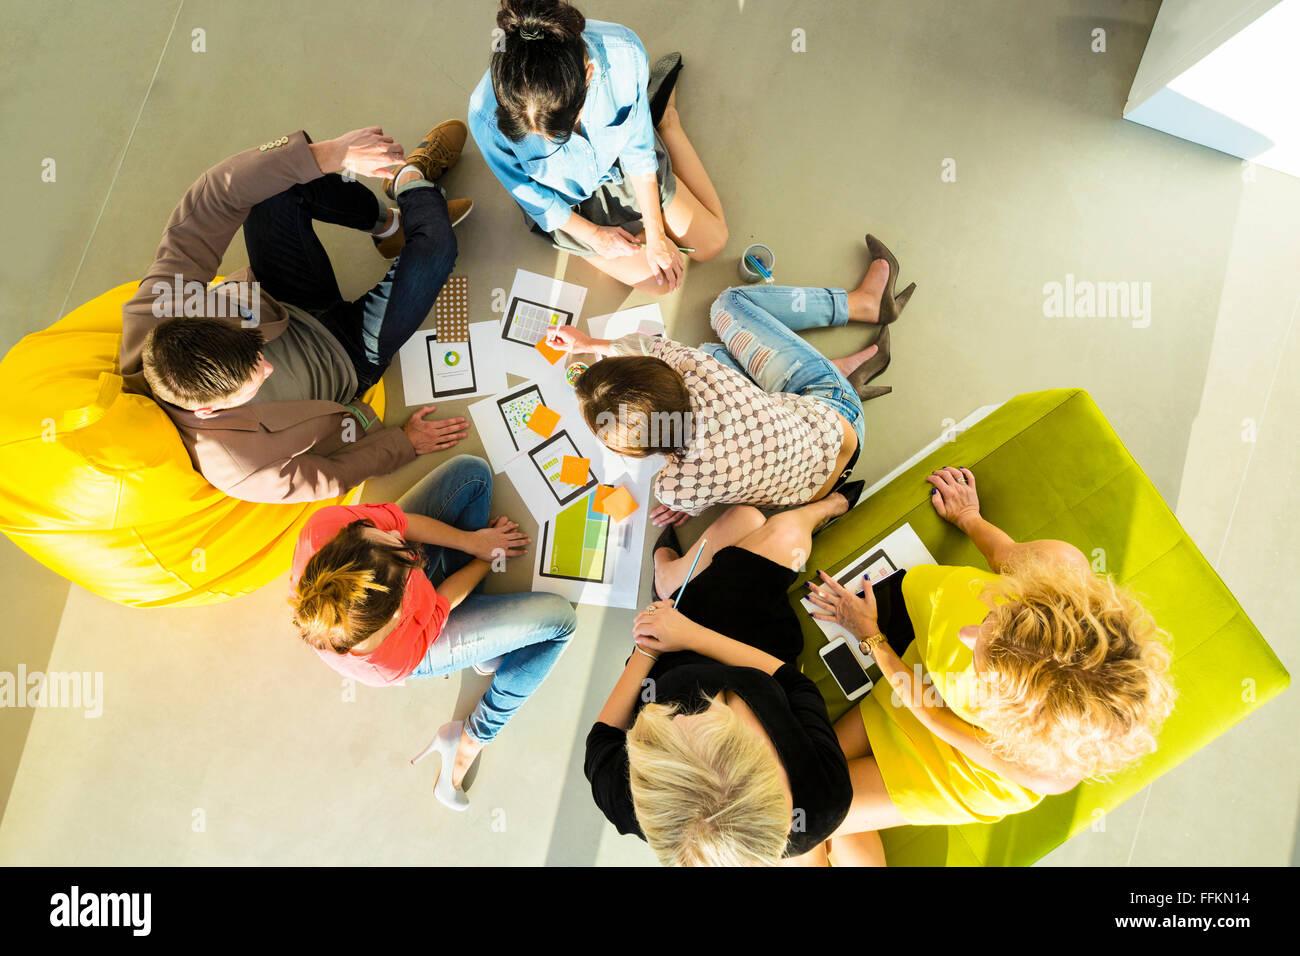 Architekten in Business-Meeting-Team Stockbild